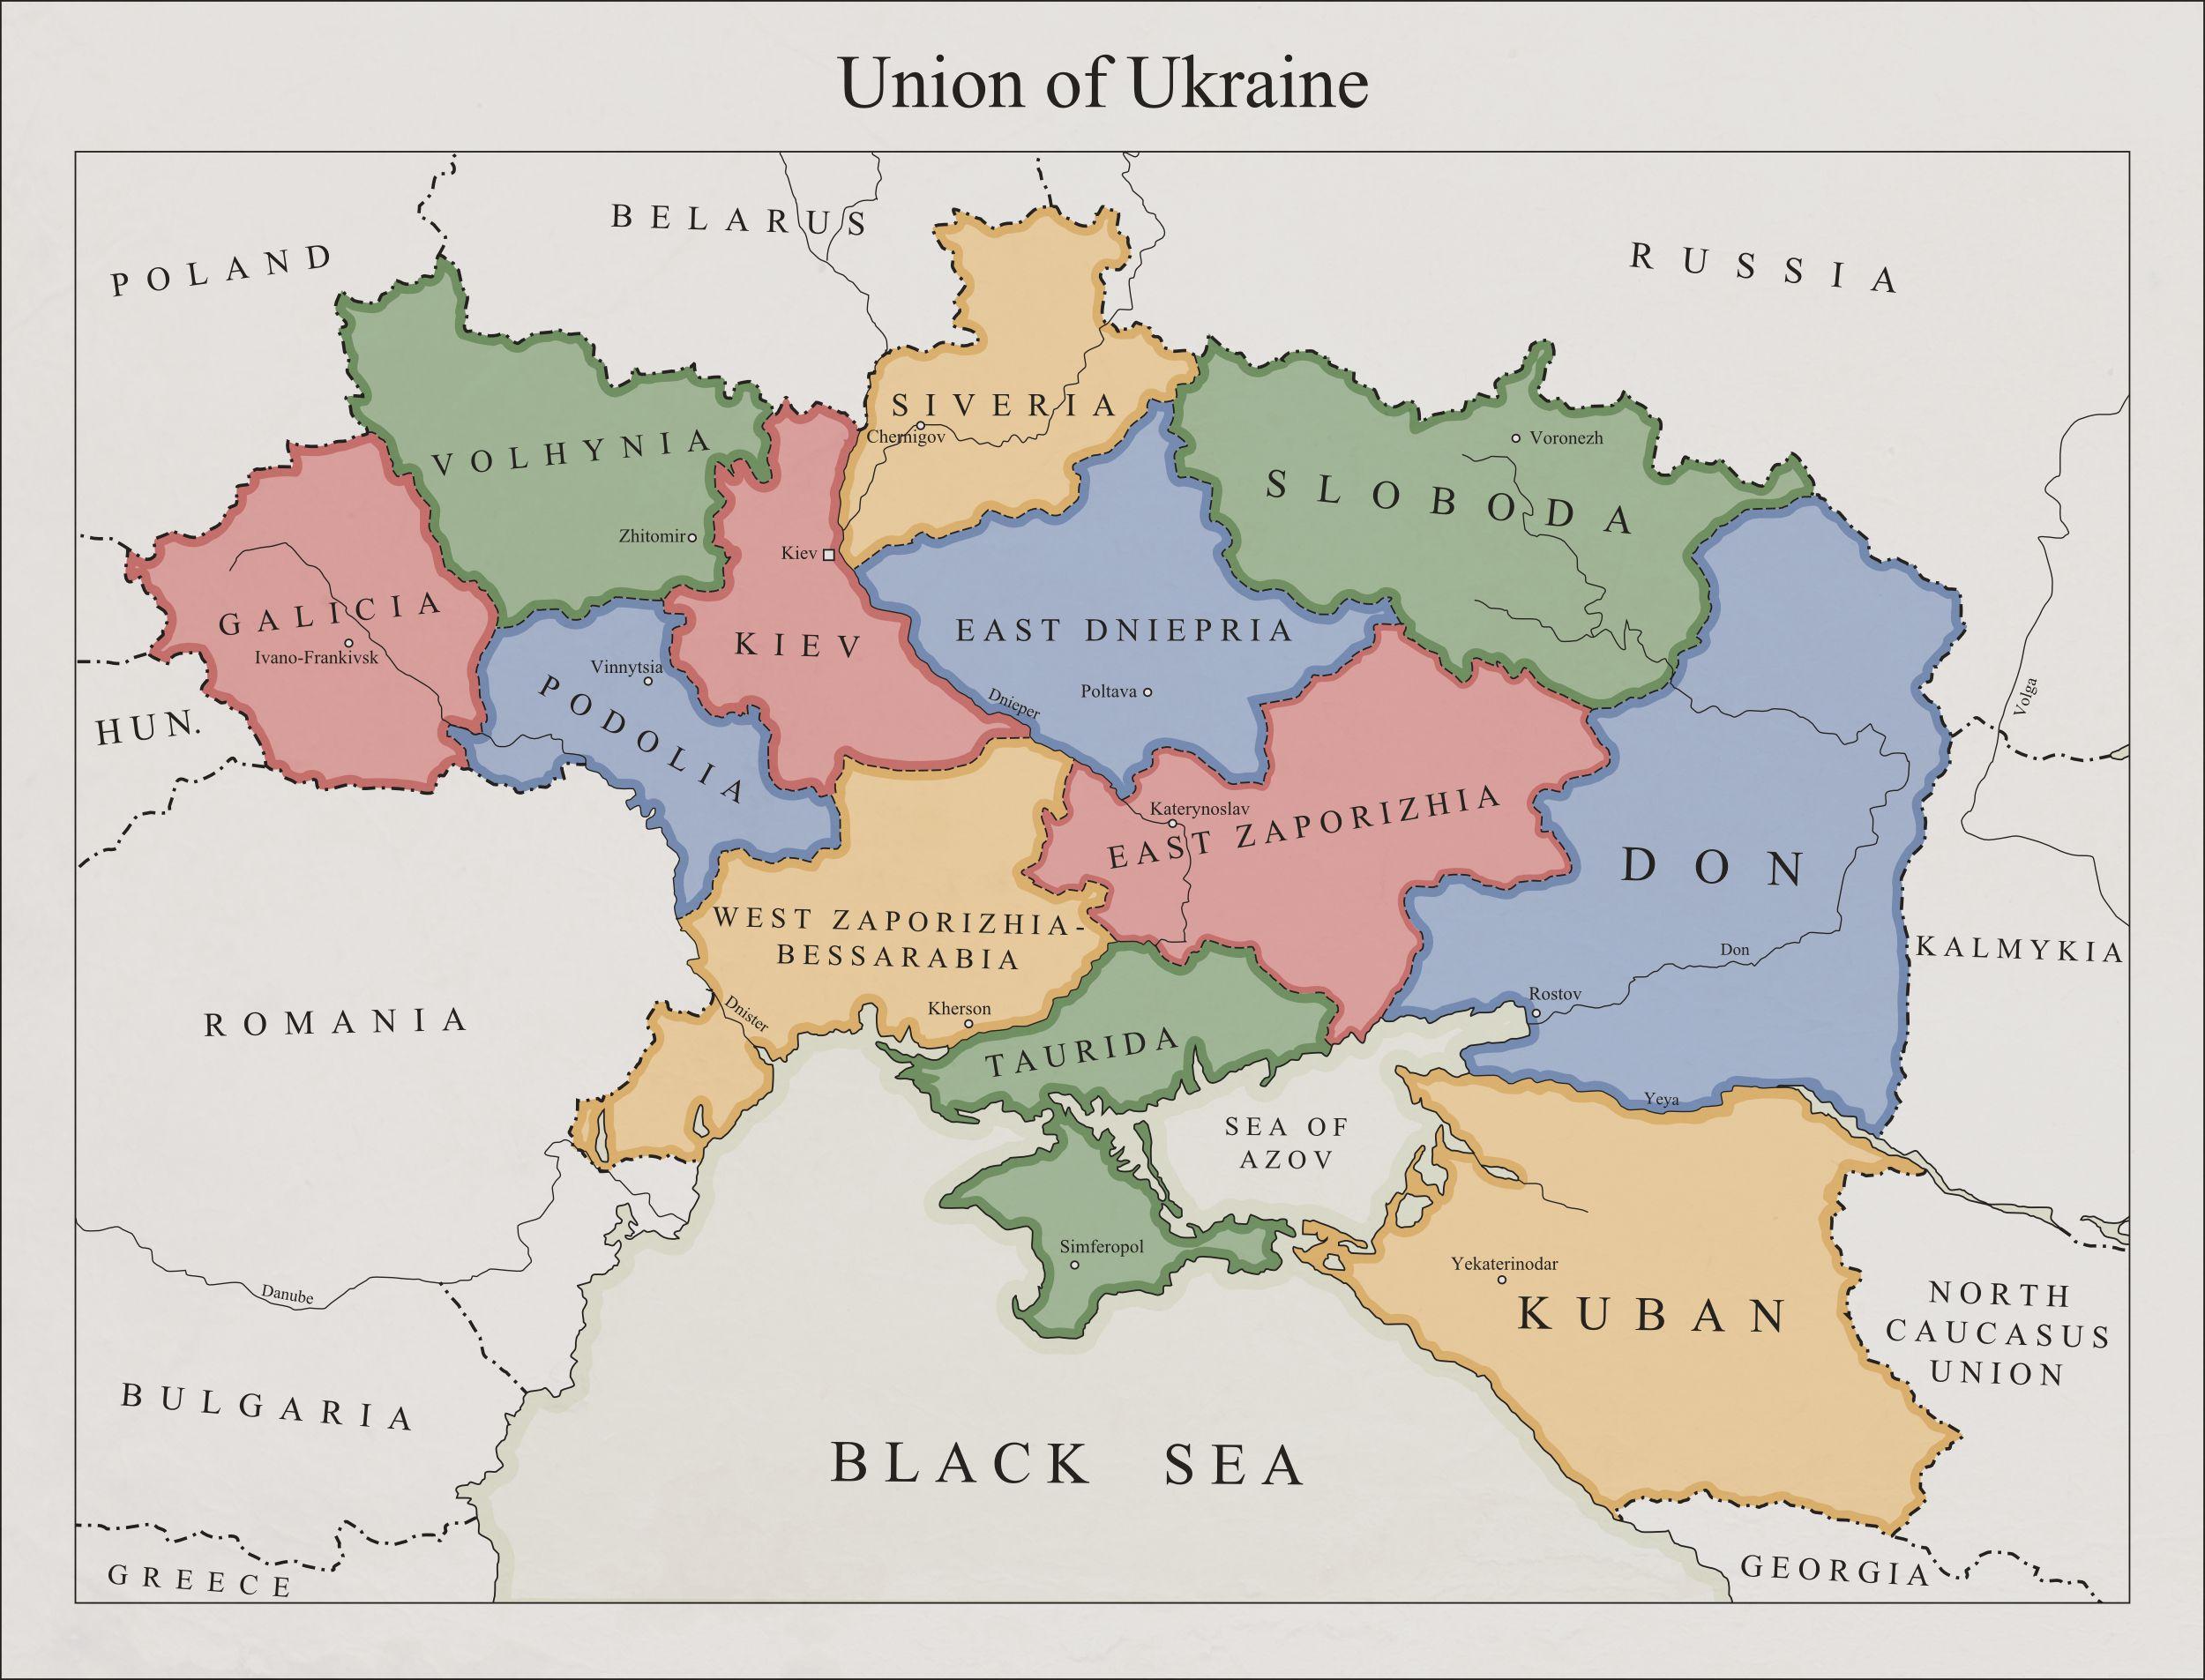 Pin by Vołodymyr Kostećkyj on Mapy | Karten | Ukraine ...